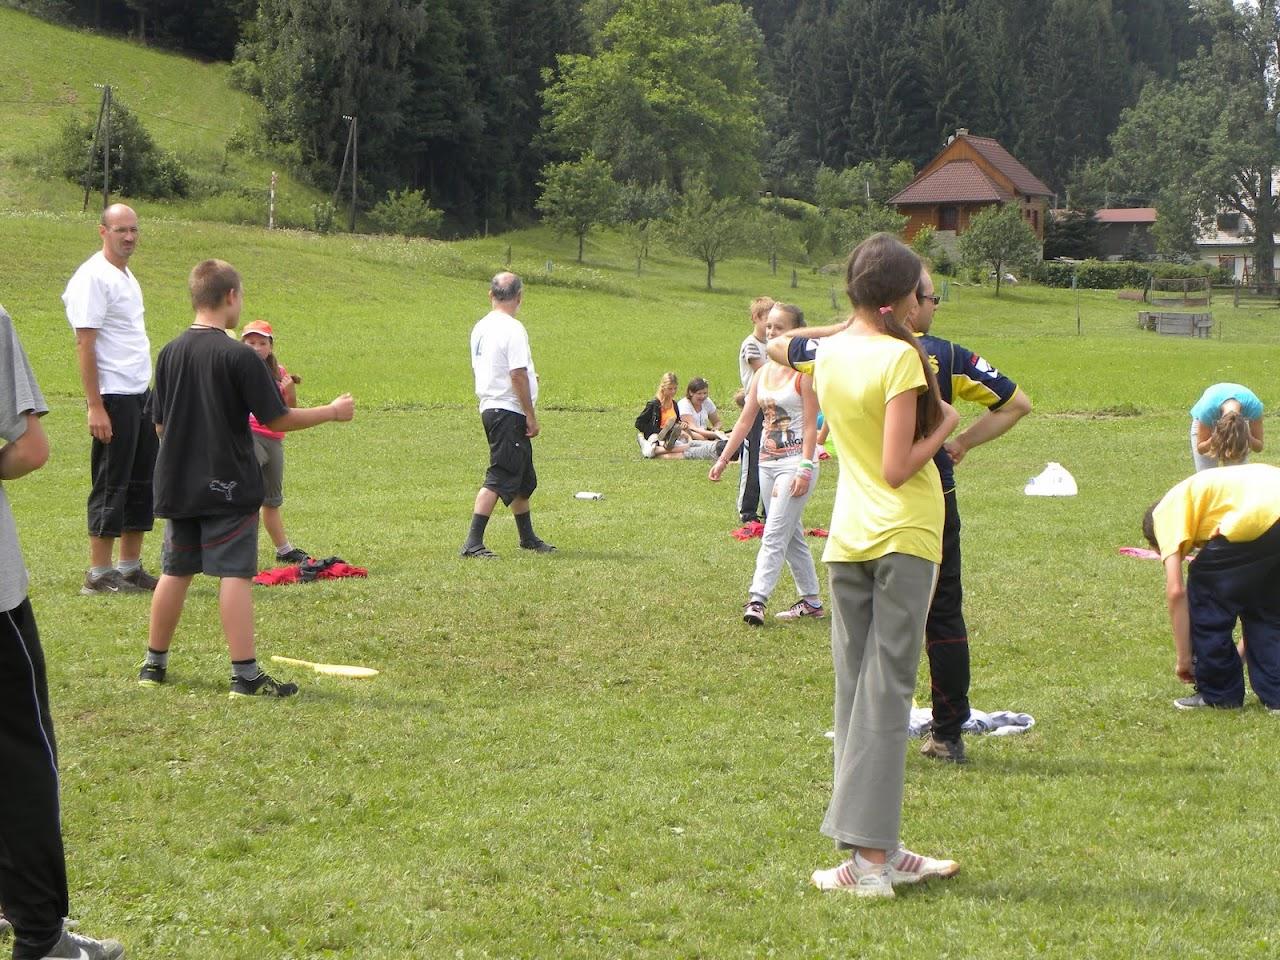 Tábor - Veľké Karlovice - fotka 731.JPG